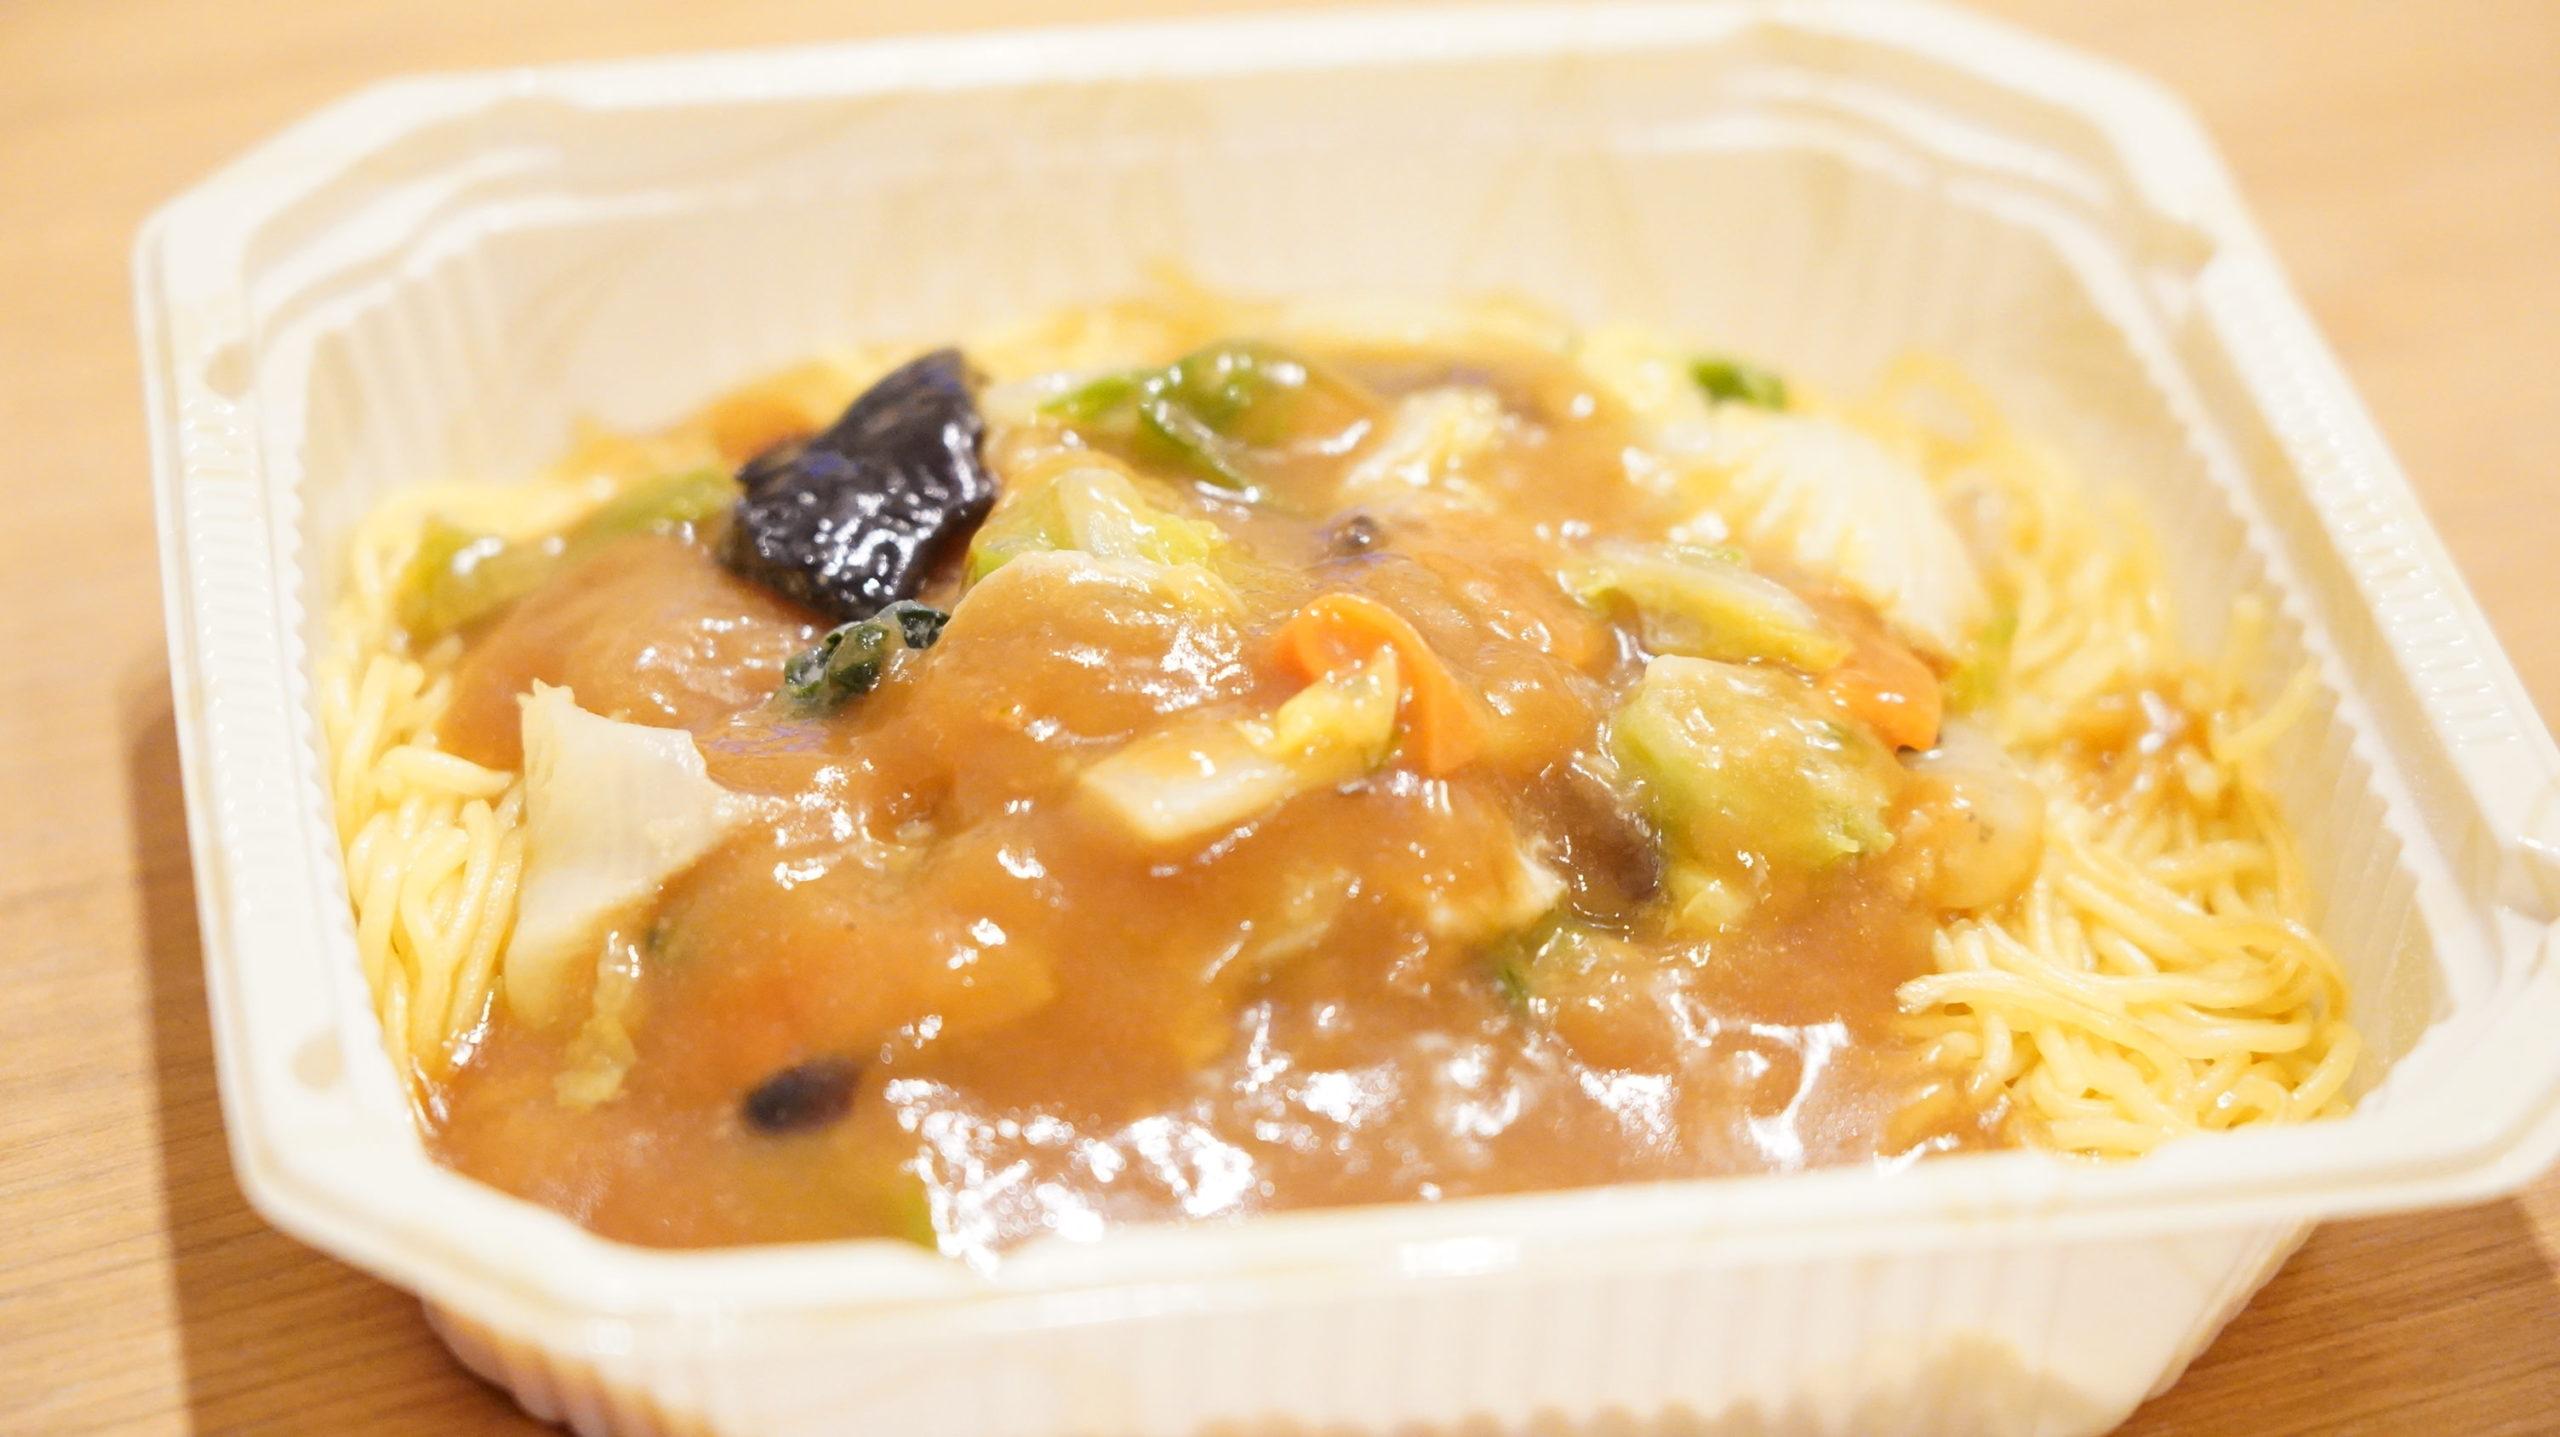 セブンイレブンのおすすめ冷凍食品「五目あんかけ焼そば」の中身の写真